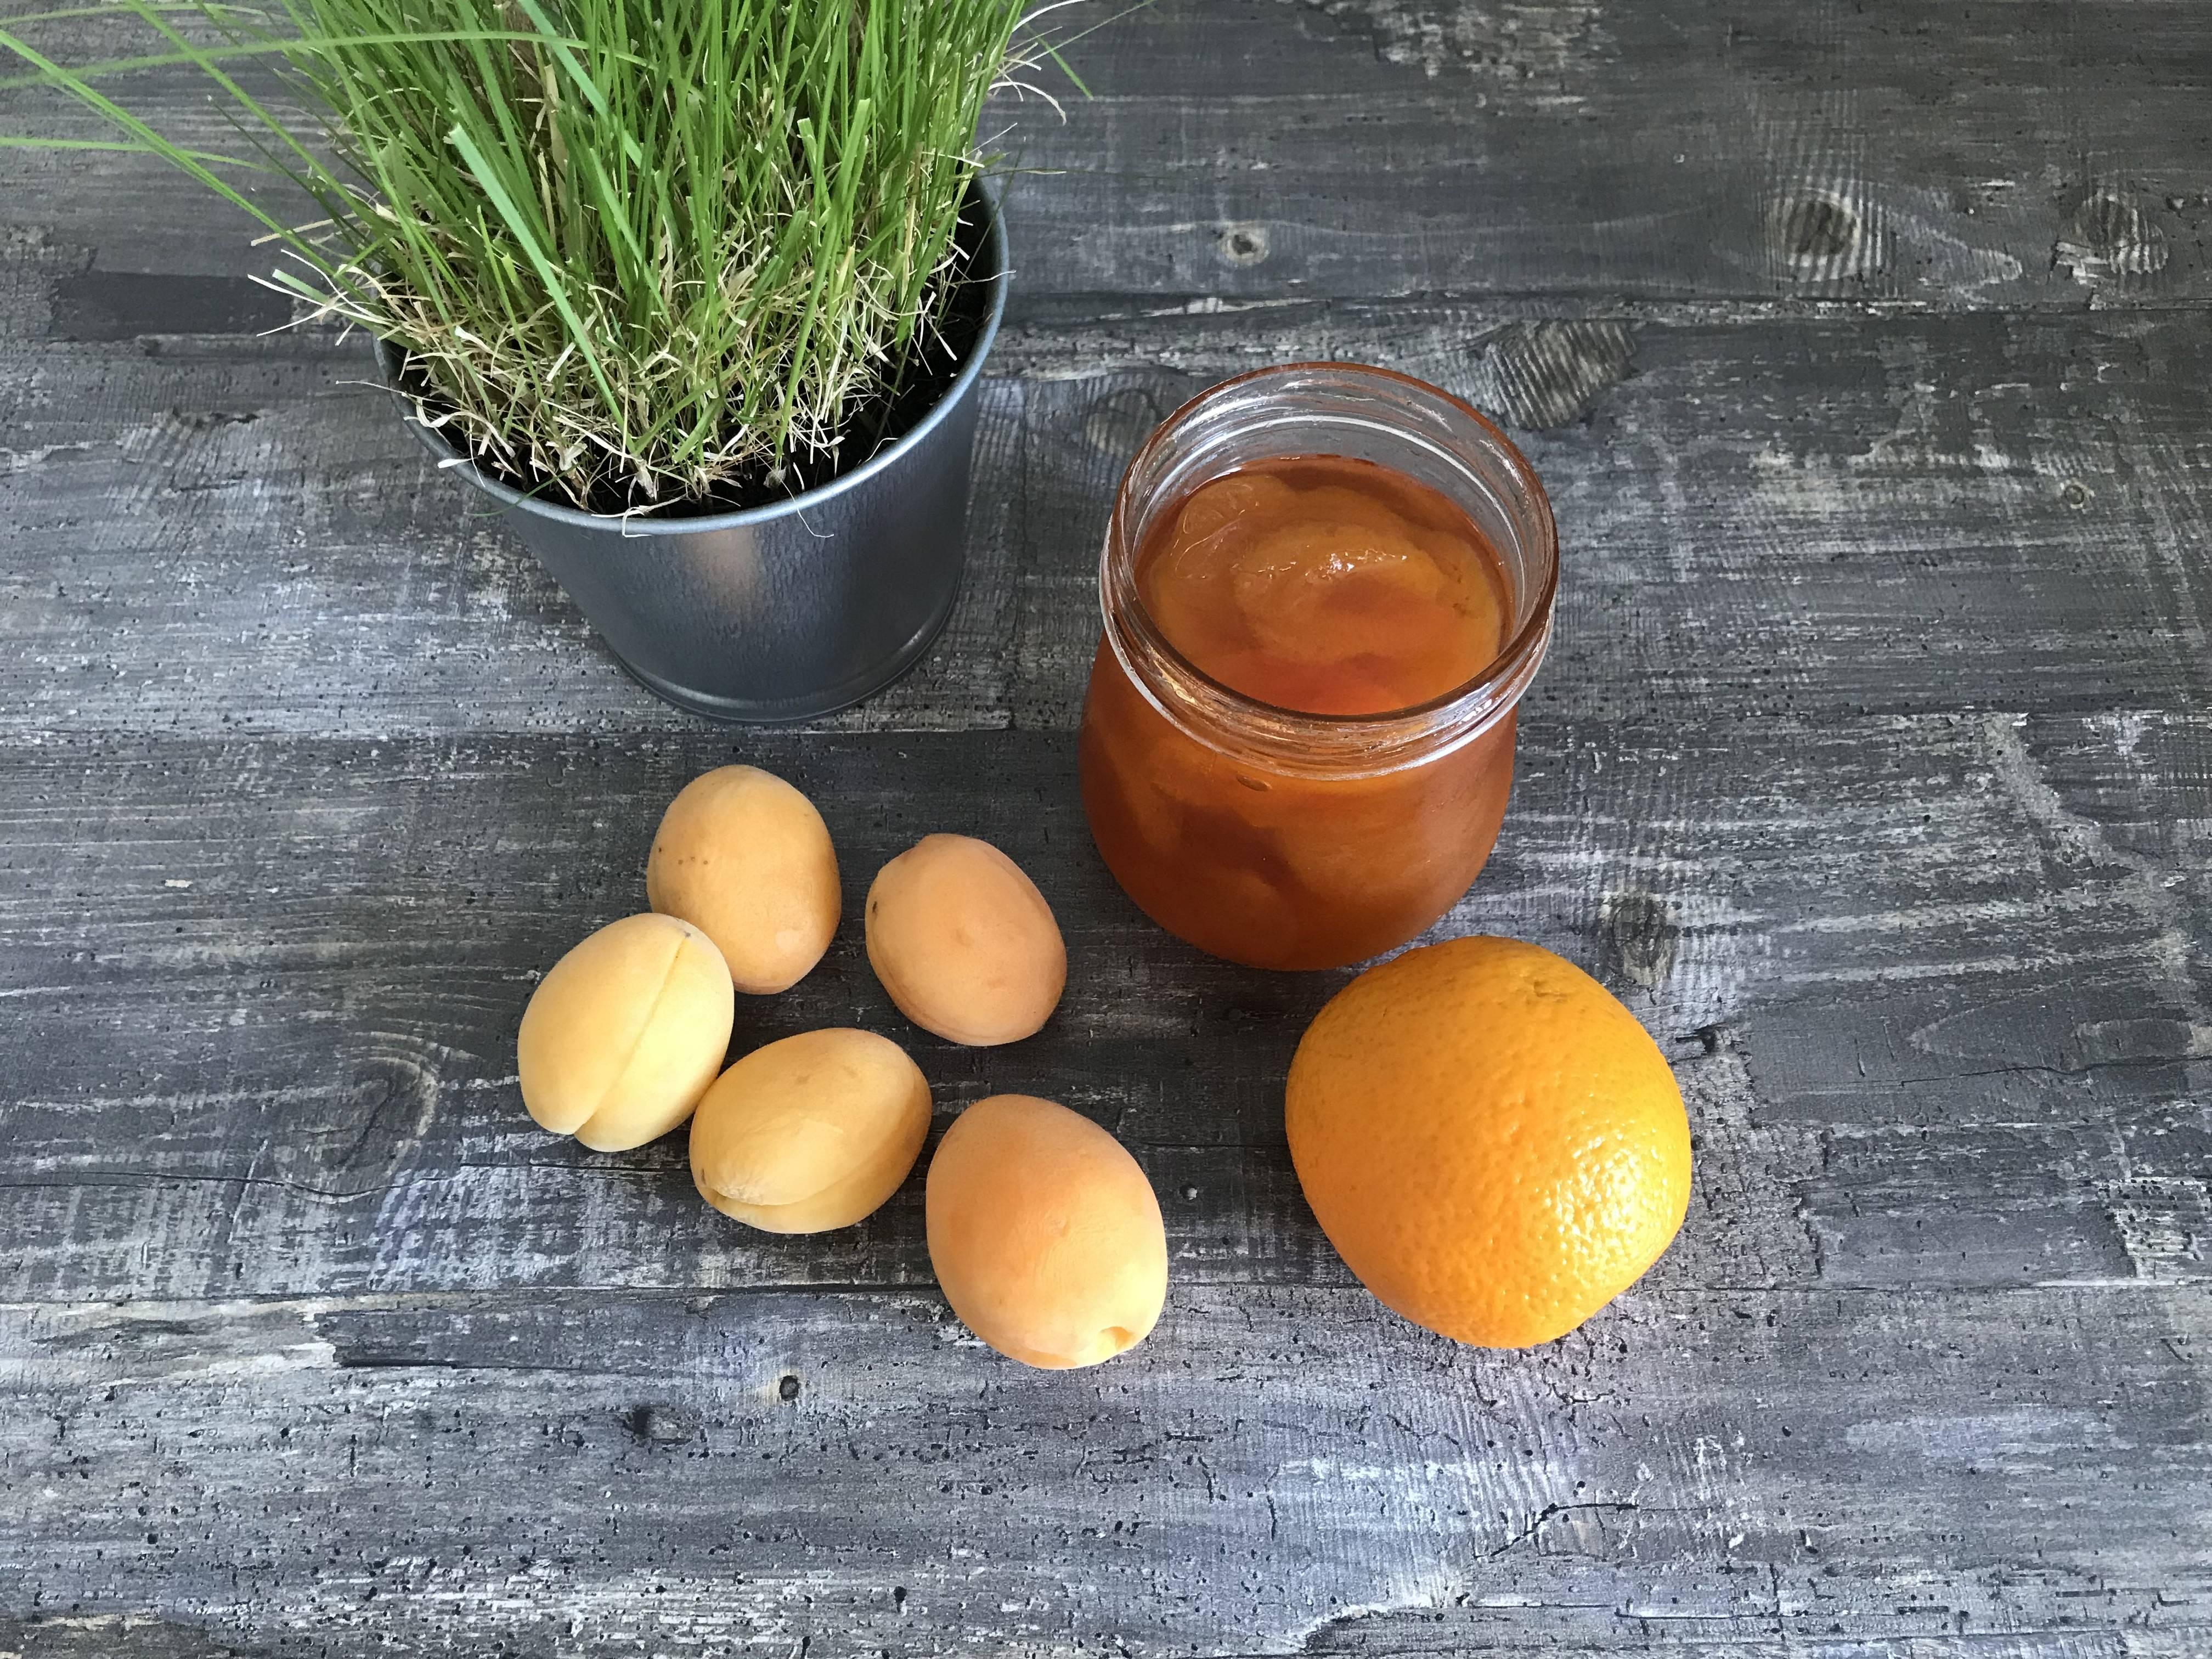 Абрикос: полезные свойства для организма человека и противопоказания, целебное применение плодов и использование косточек